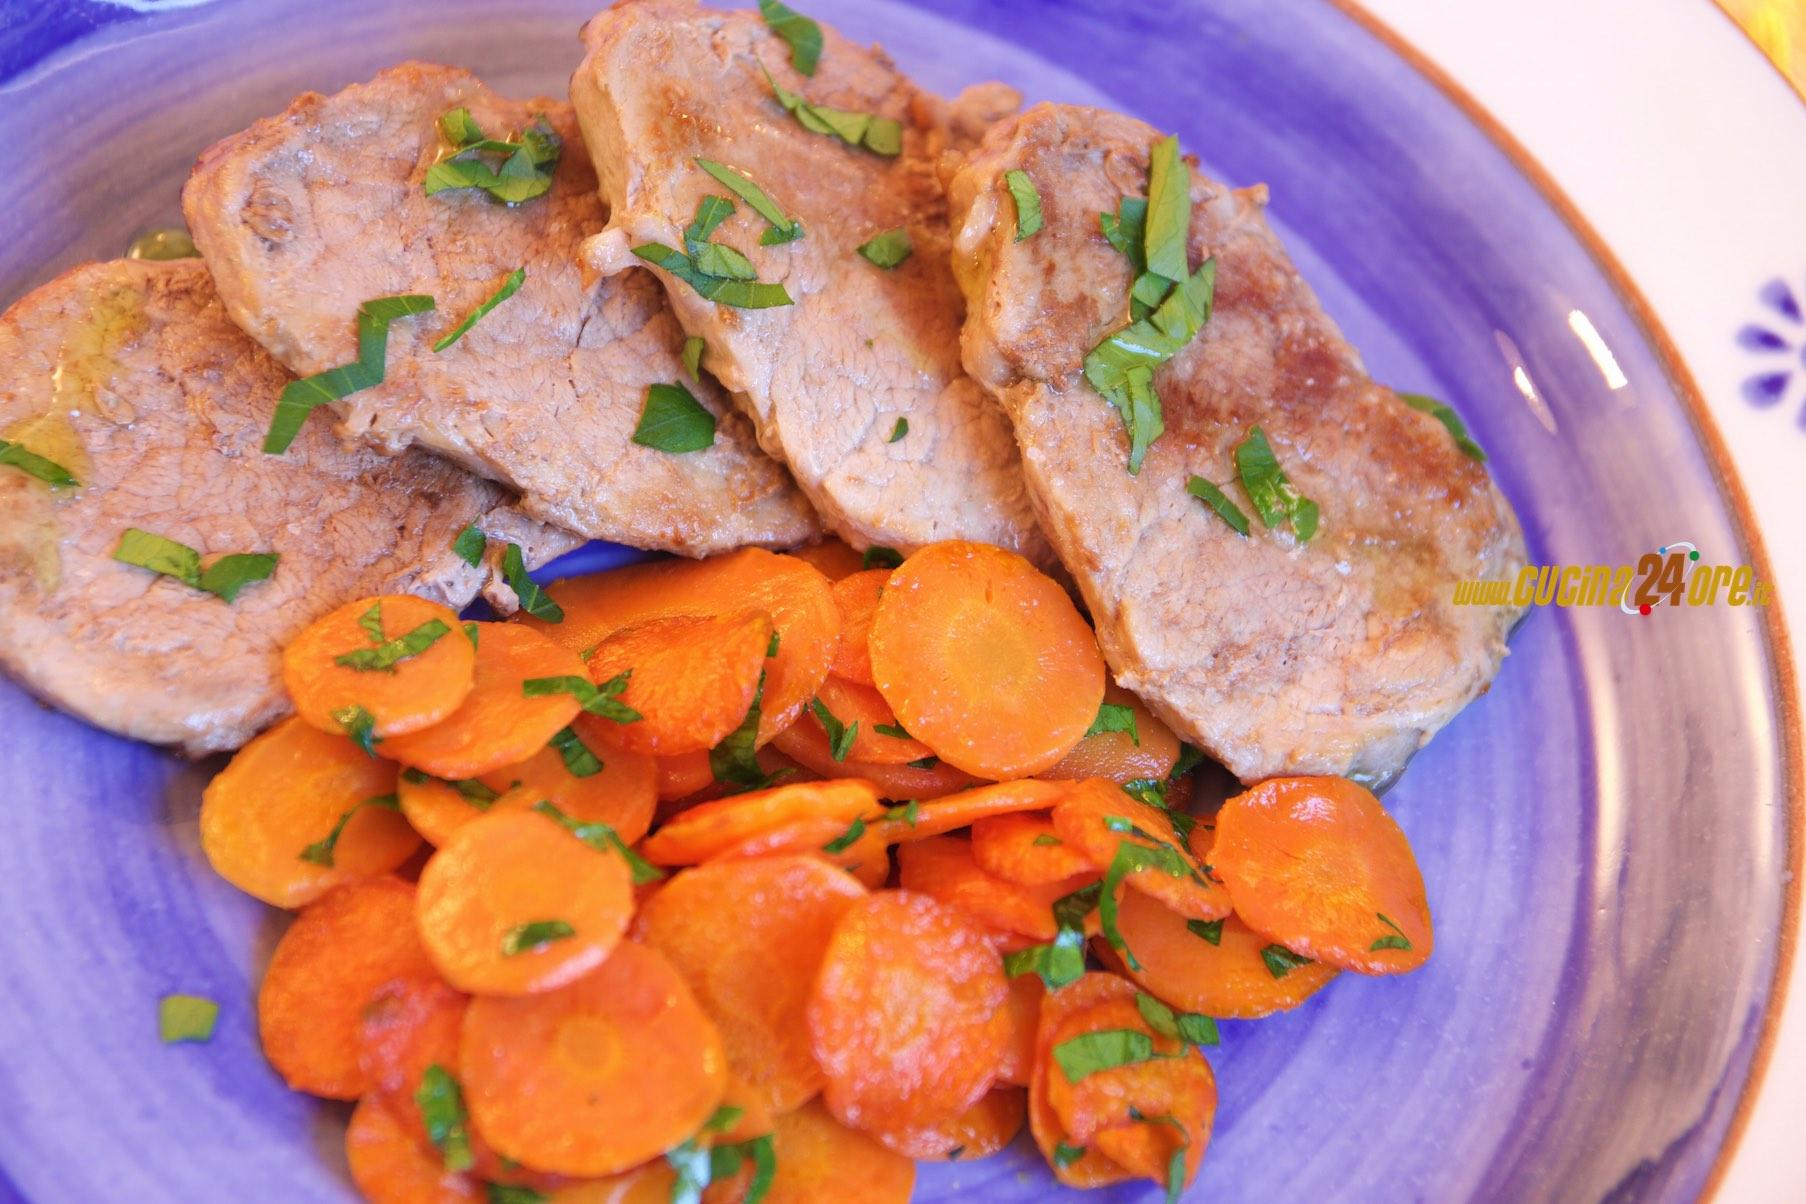 Lonzino di Maiale con Carote al Prezzemolo | Ricetta facile, Sana e Veloce – Senza glutine